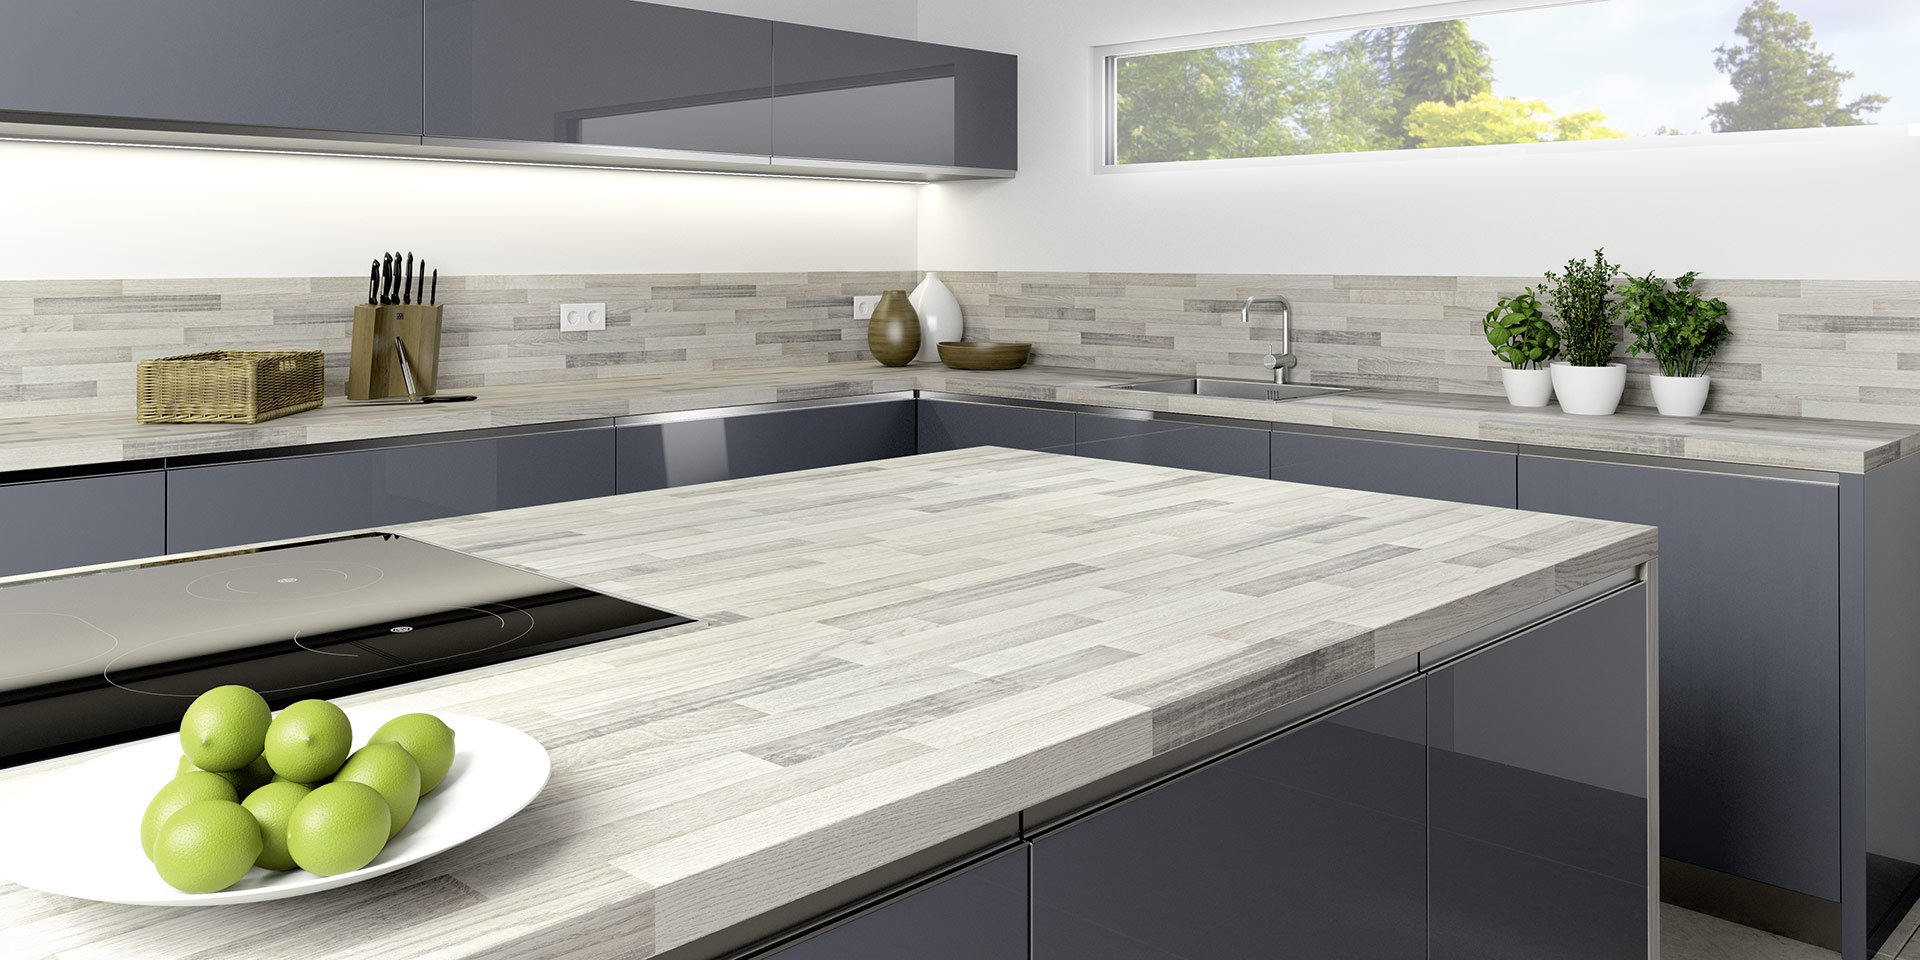 Ungewöhnlich Küchenarbeitsplatten Optionen Fotos - Ideen Für Die ...